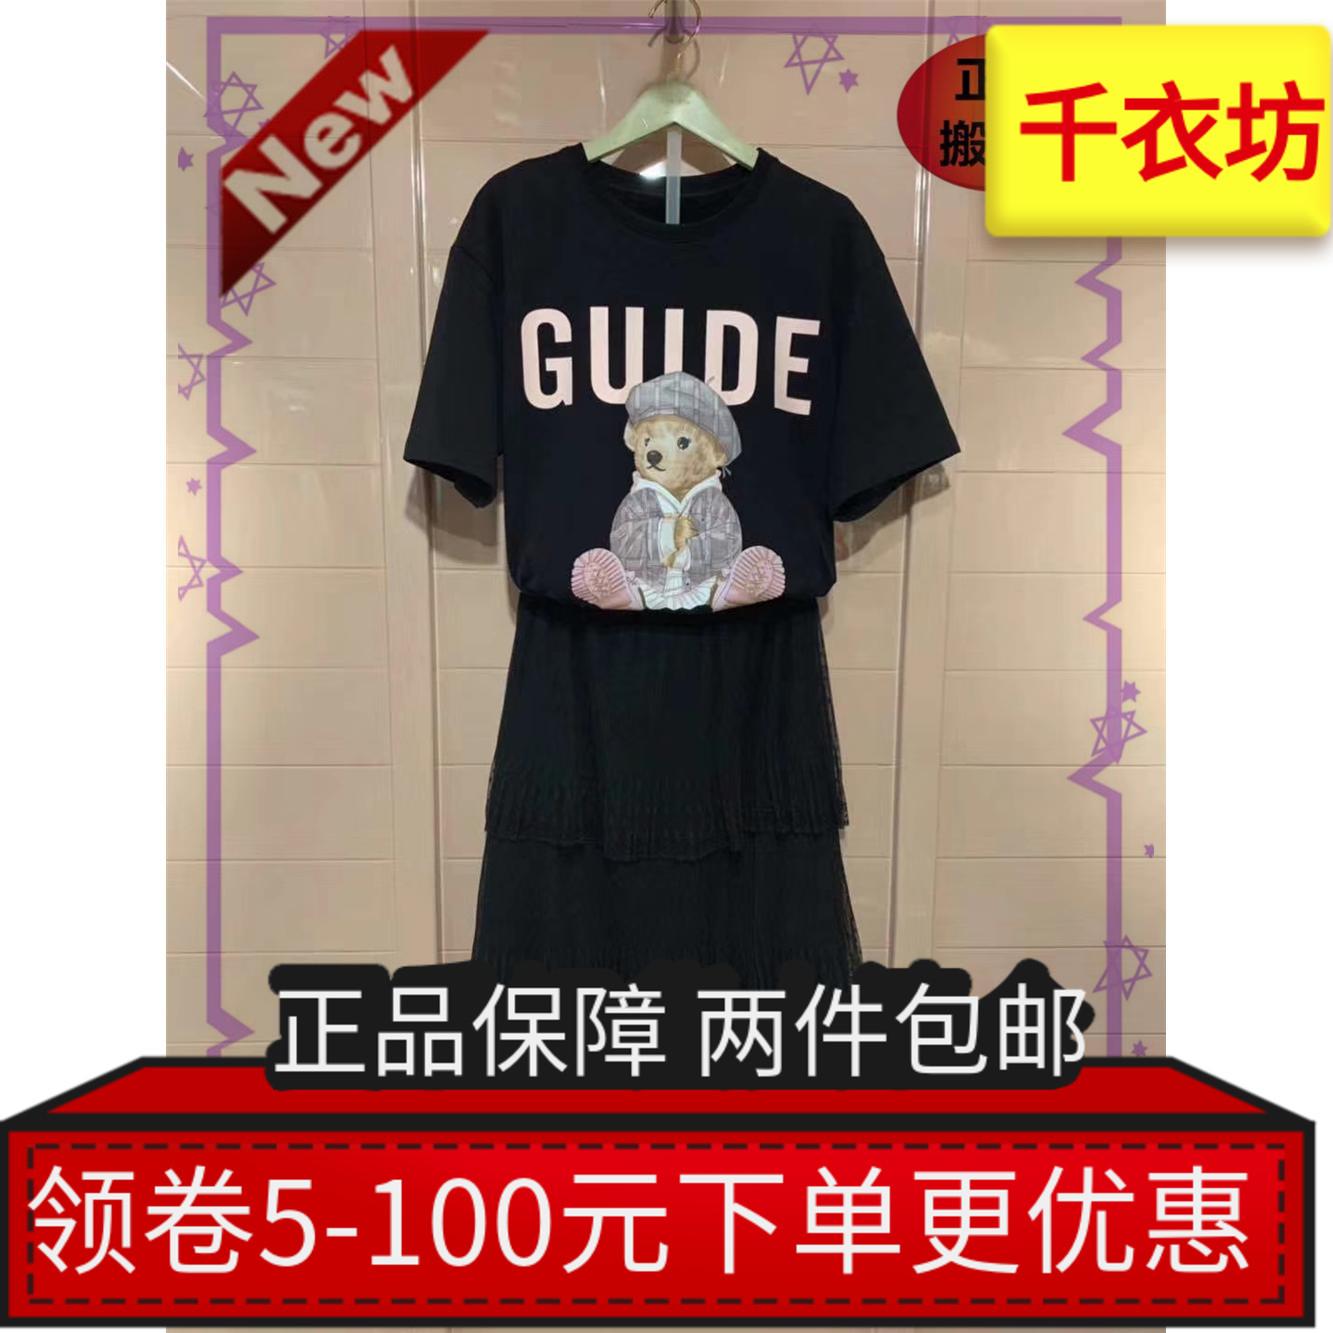 速发five女plus专柜2020国内代购1A5+小熊潮T恤BF卡通 2RN1021160